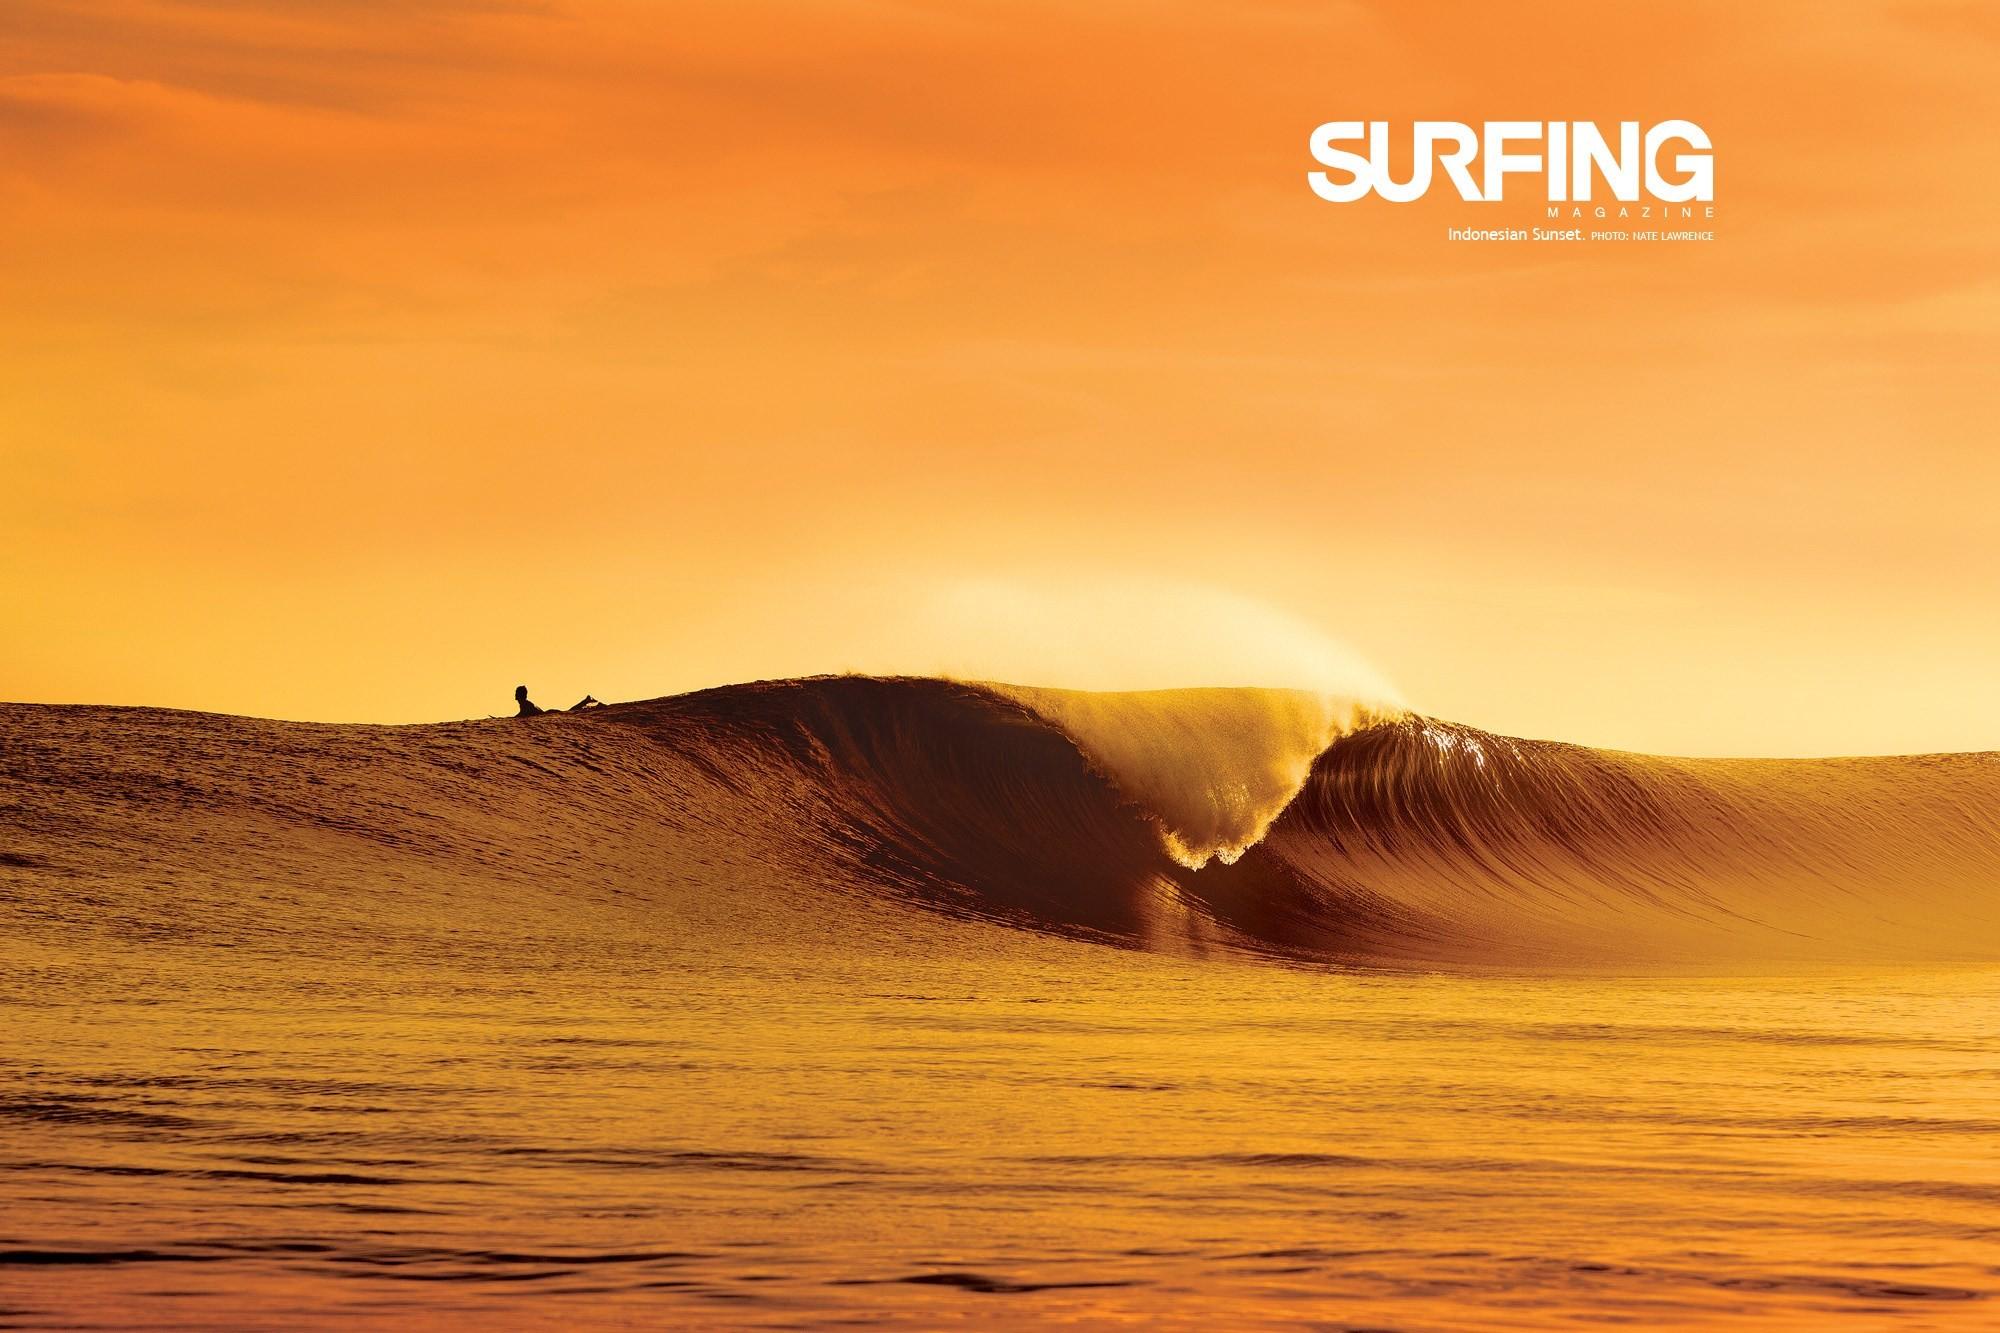 surfing magazine wallpaper …